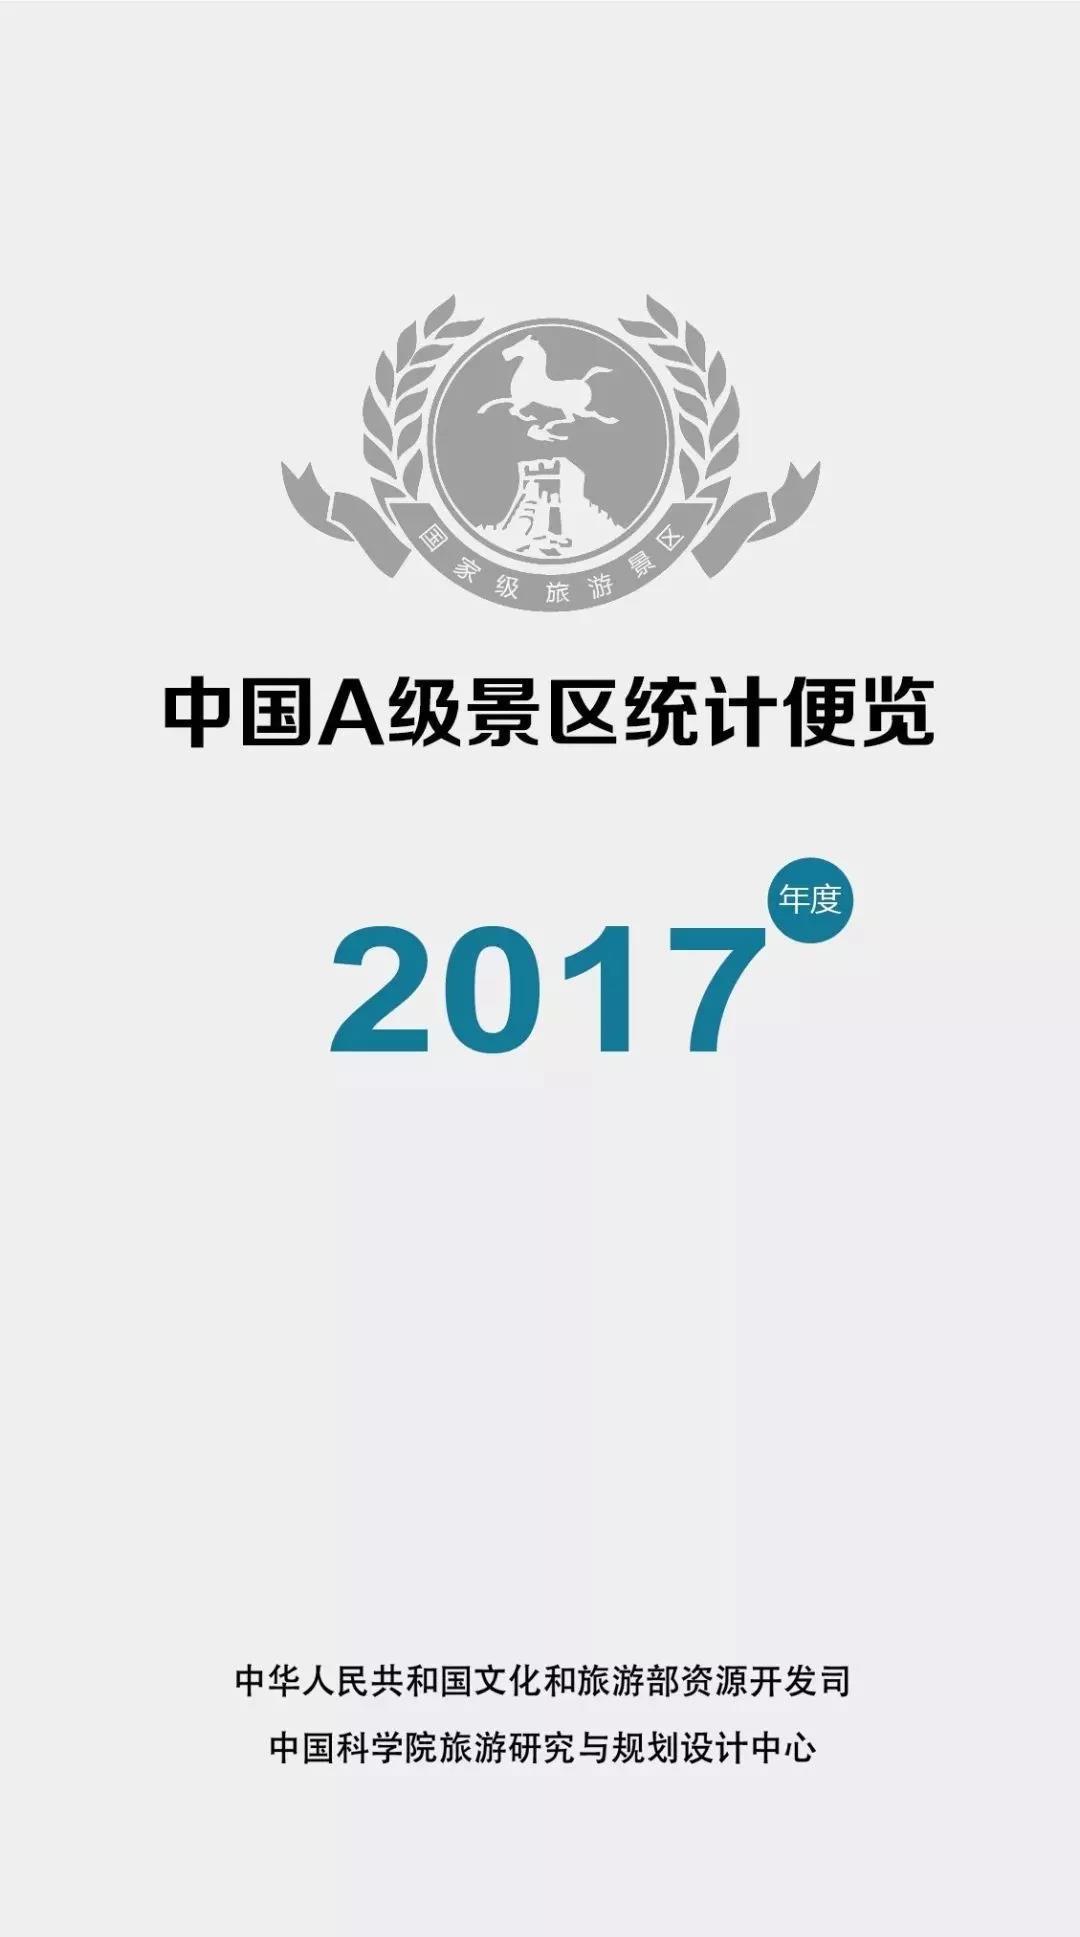 jingqu190109